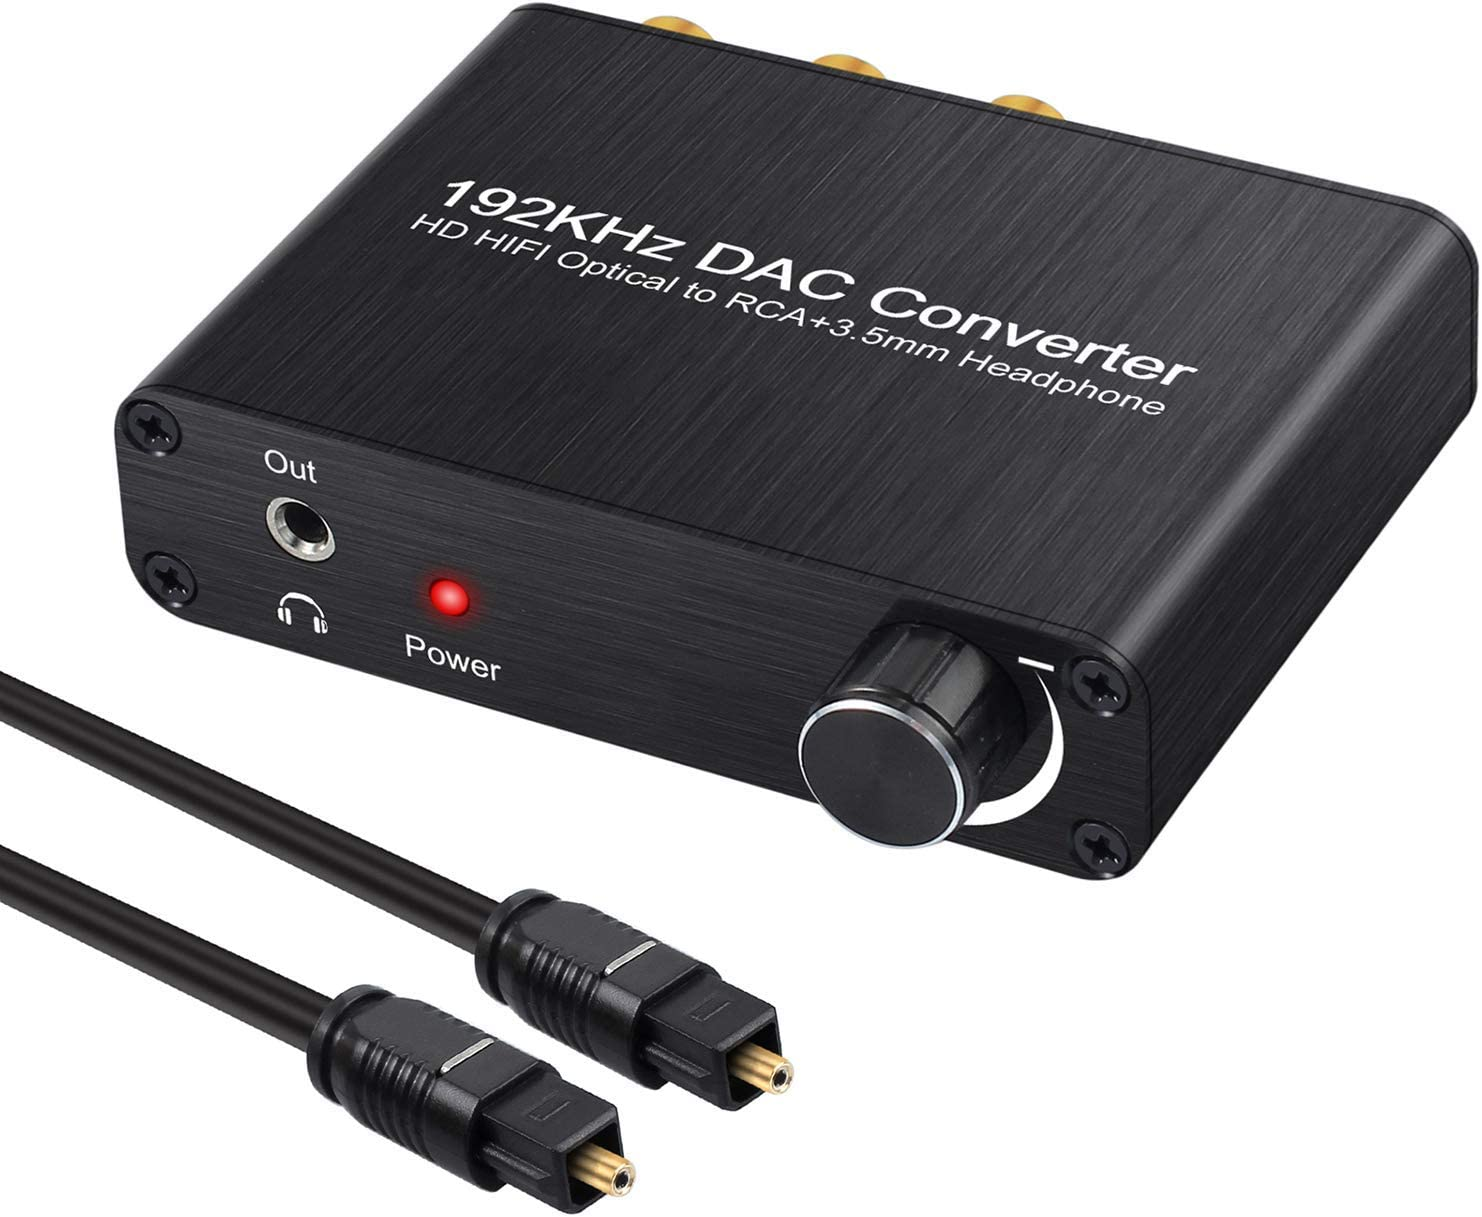 Neoteck 192kHz DAC Converter Optical Splitter 1x4